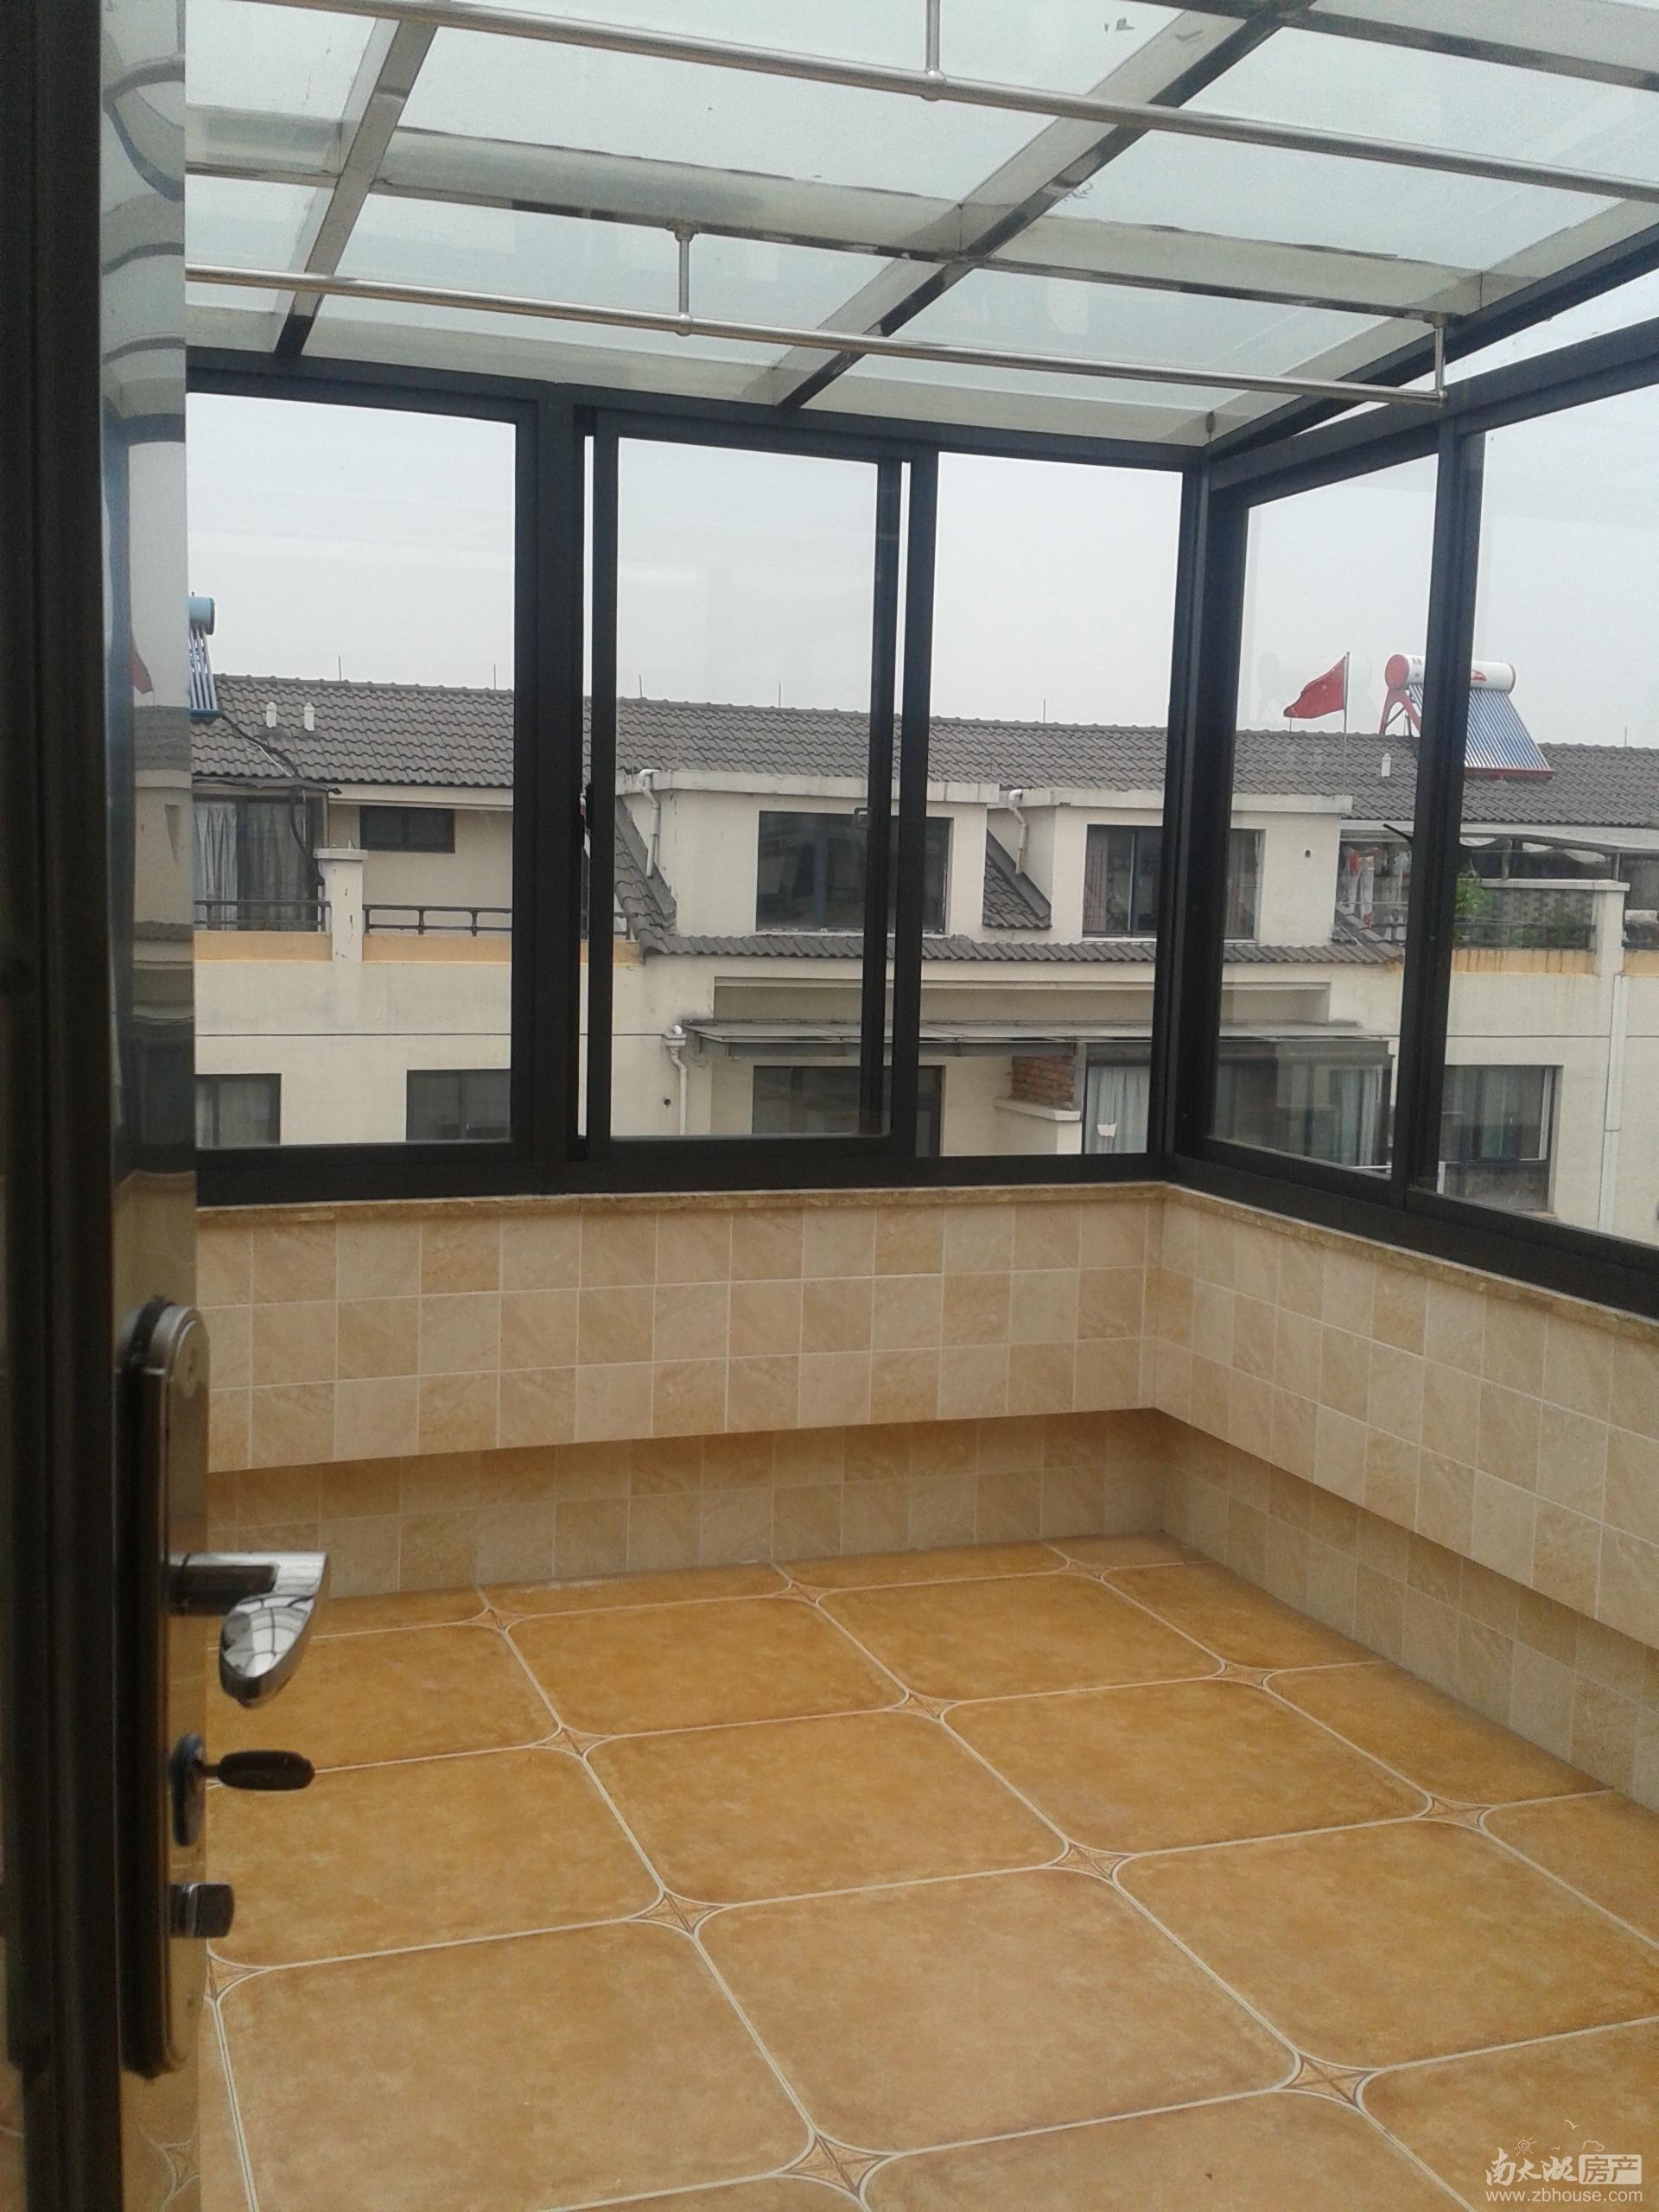 多层5楼复式,实用面积160多平方再加2个阳光房,租金可面议